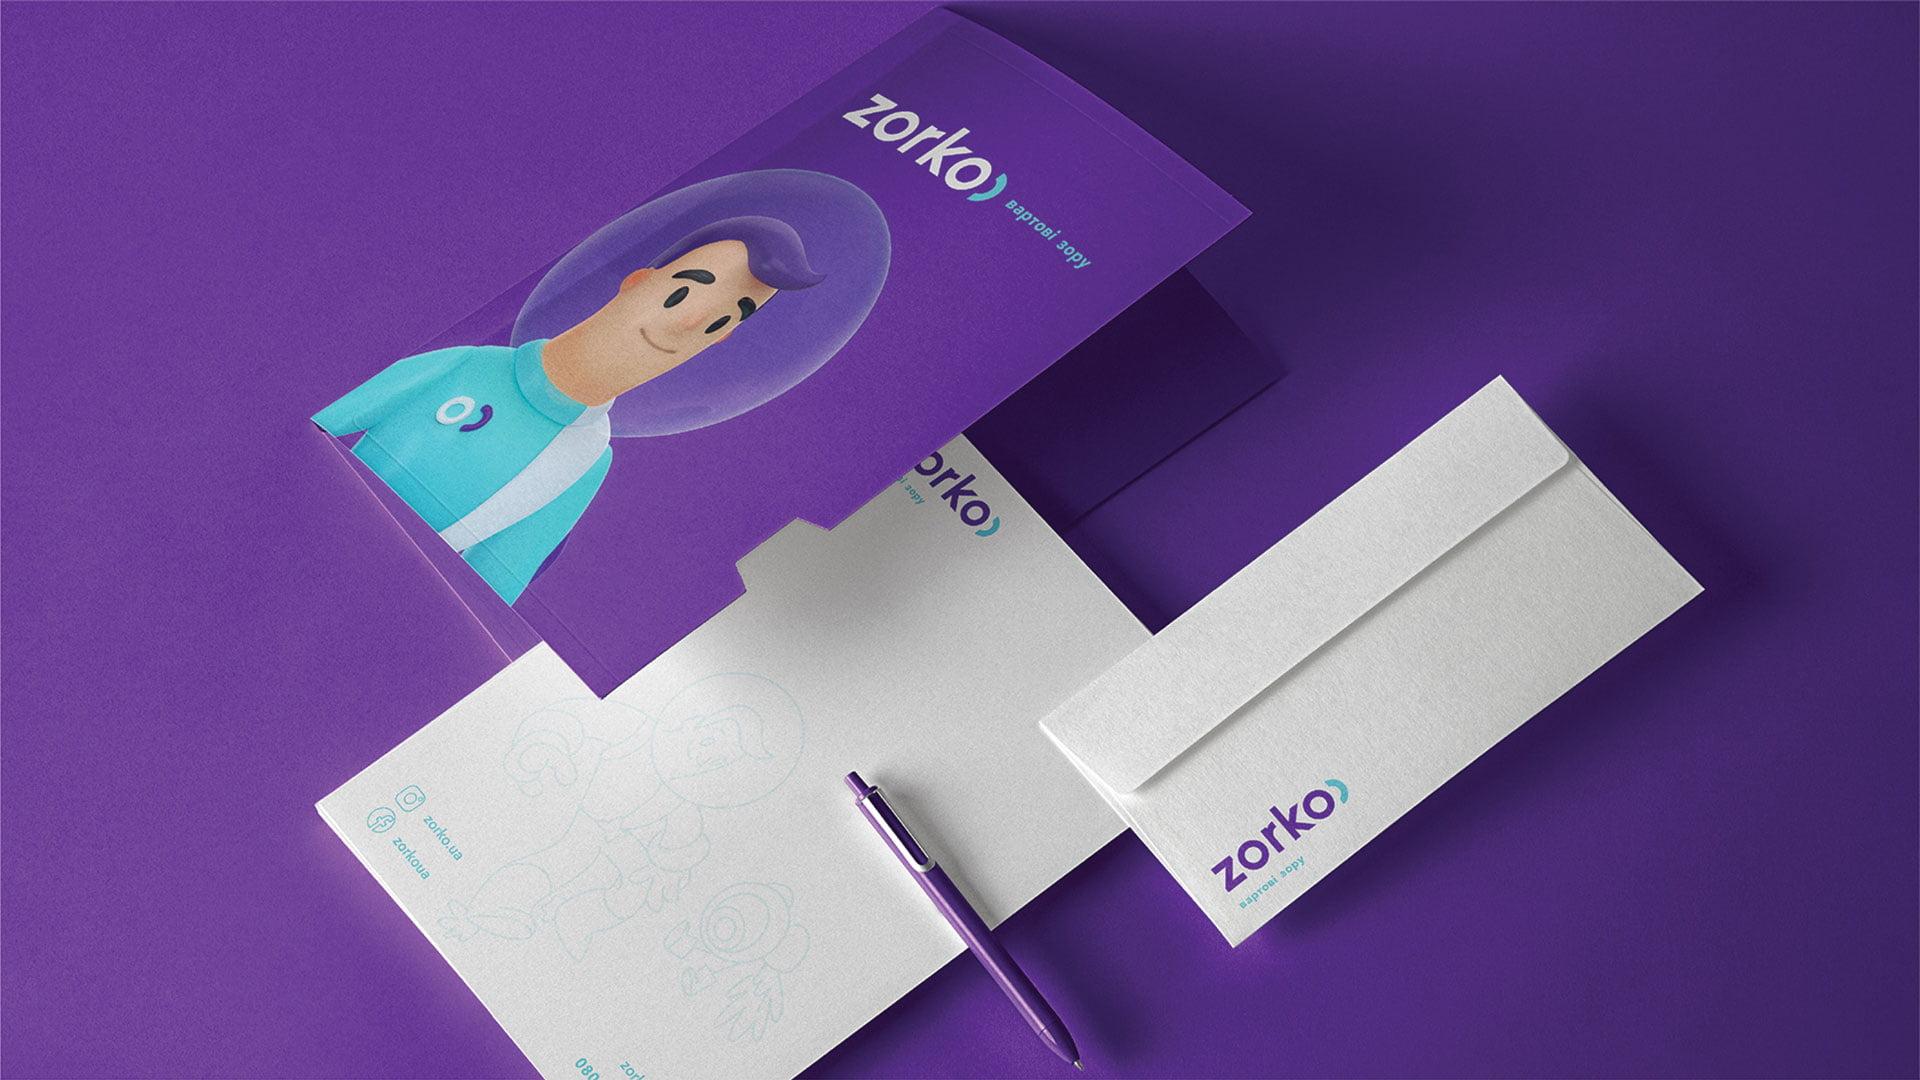 gra brand design zorko 9